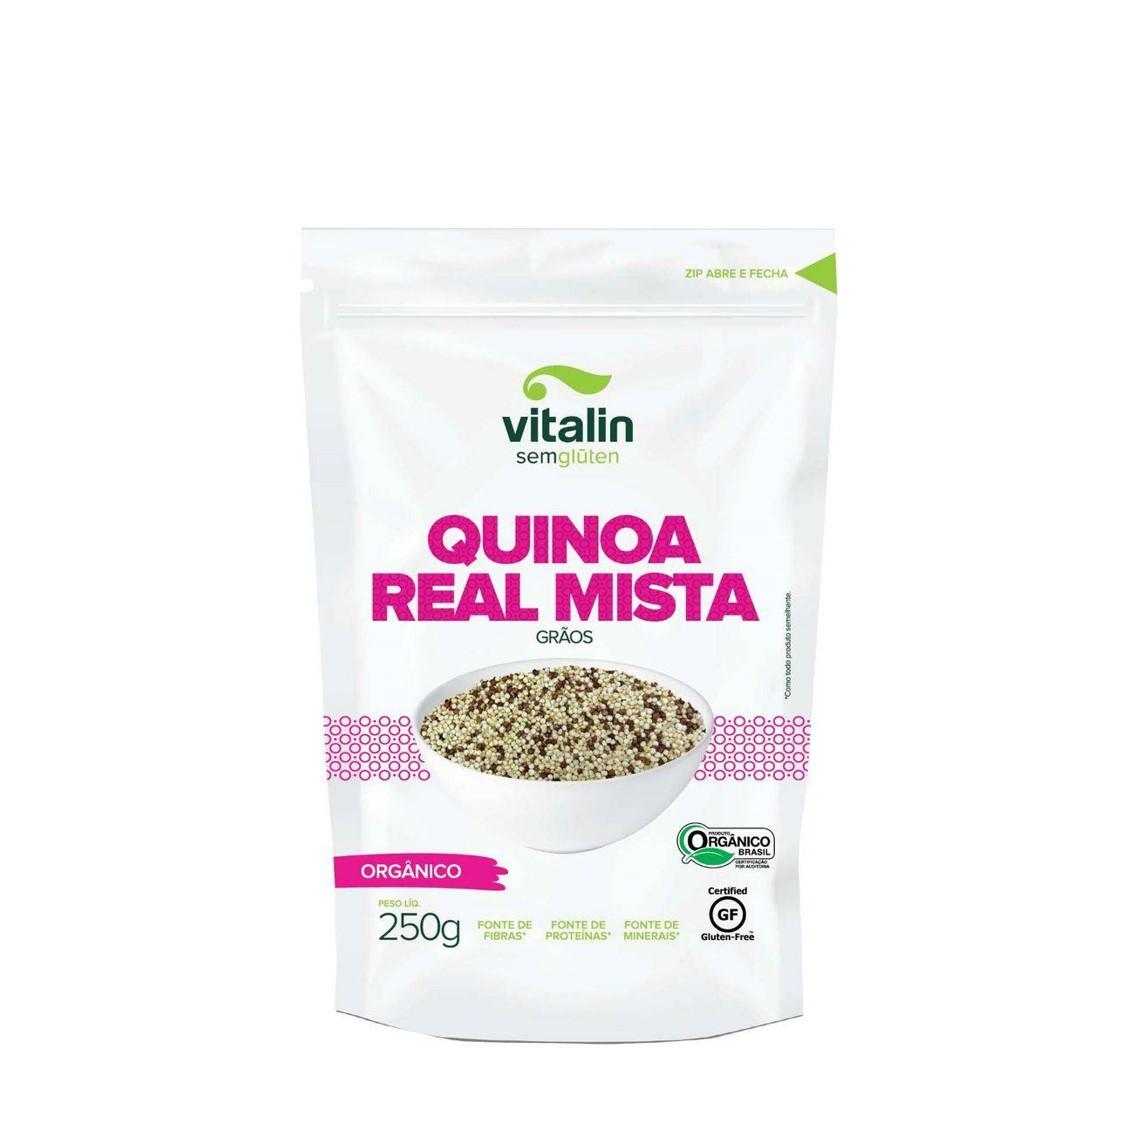 Quinoa Mista em Grãos (250g) – Vitalin